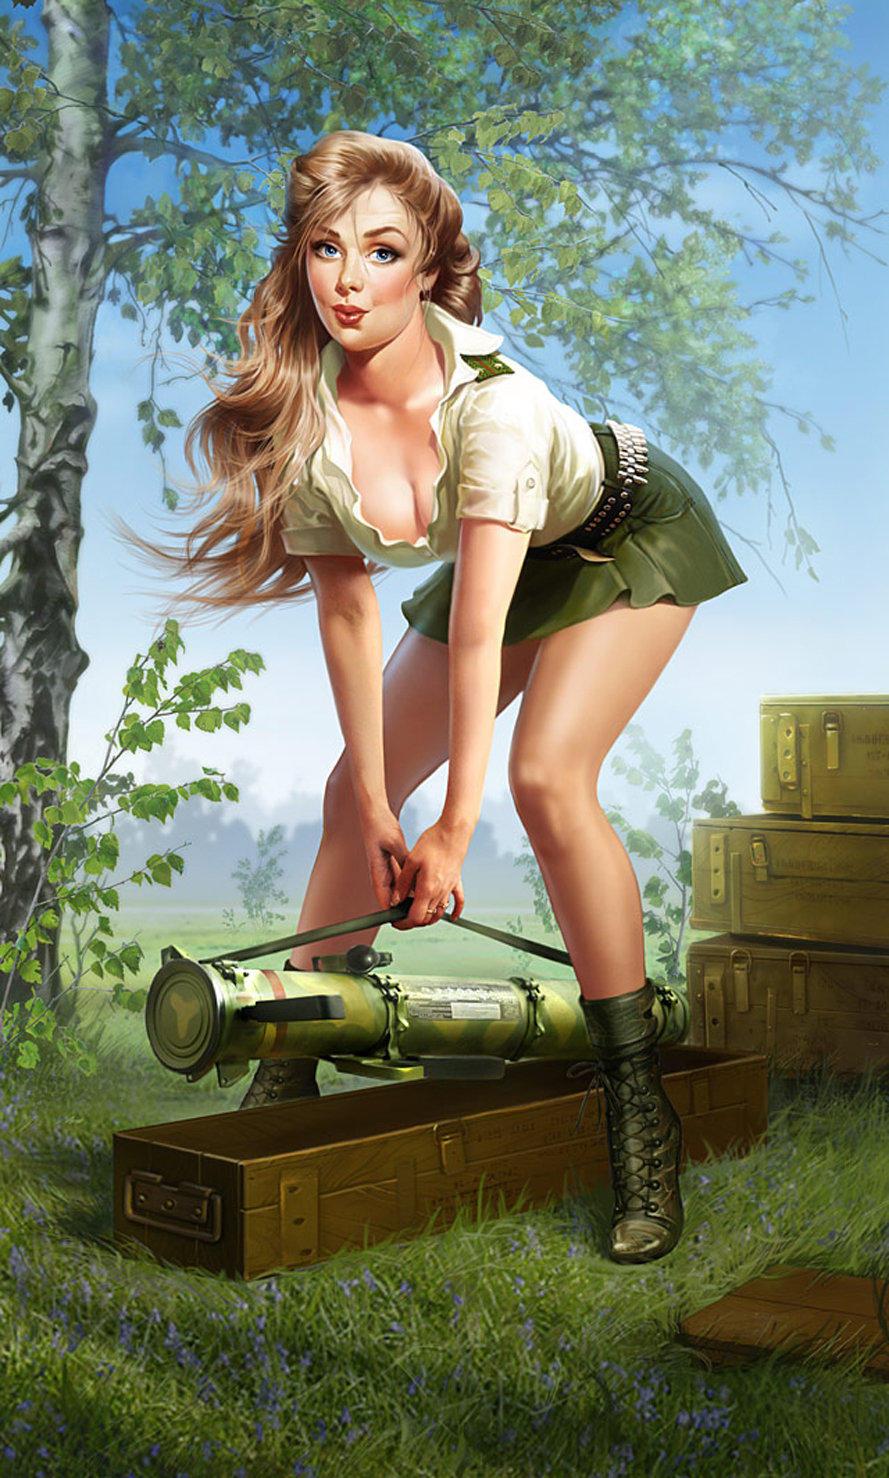 Нарисованные секси девушки в военной форме картинки, различные предметы в попе фото